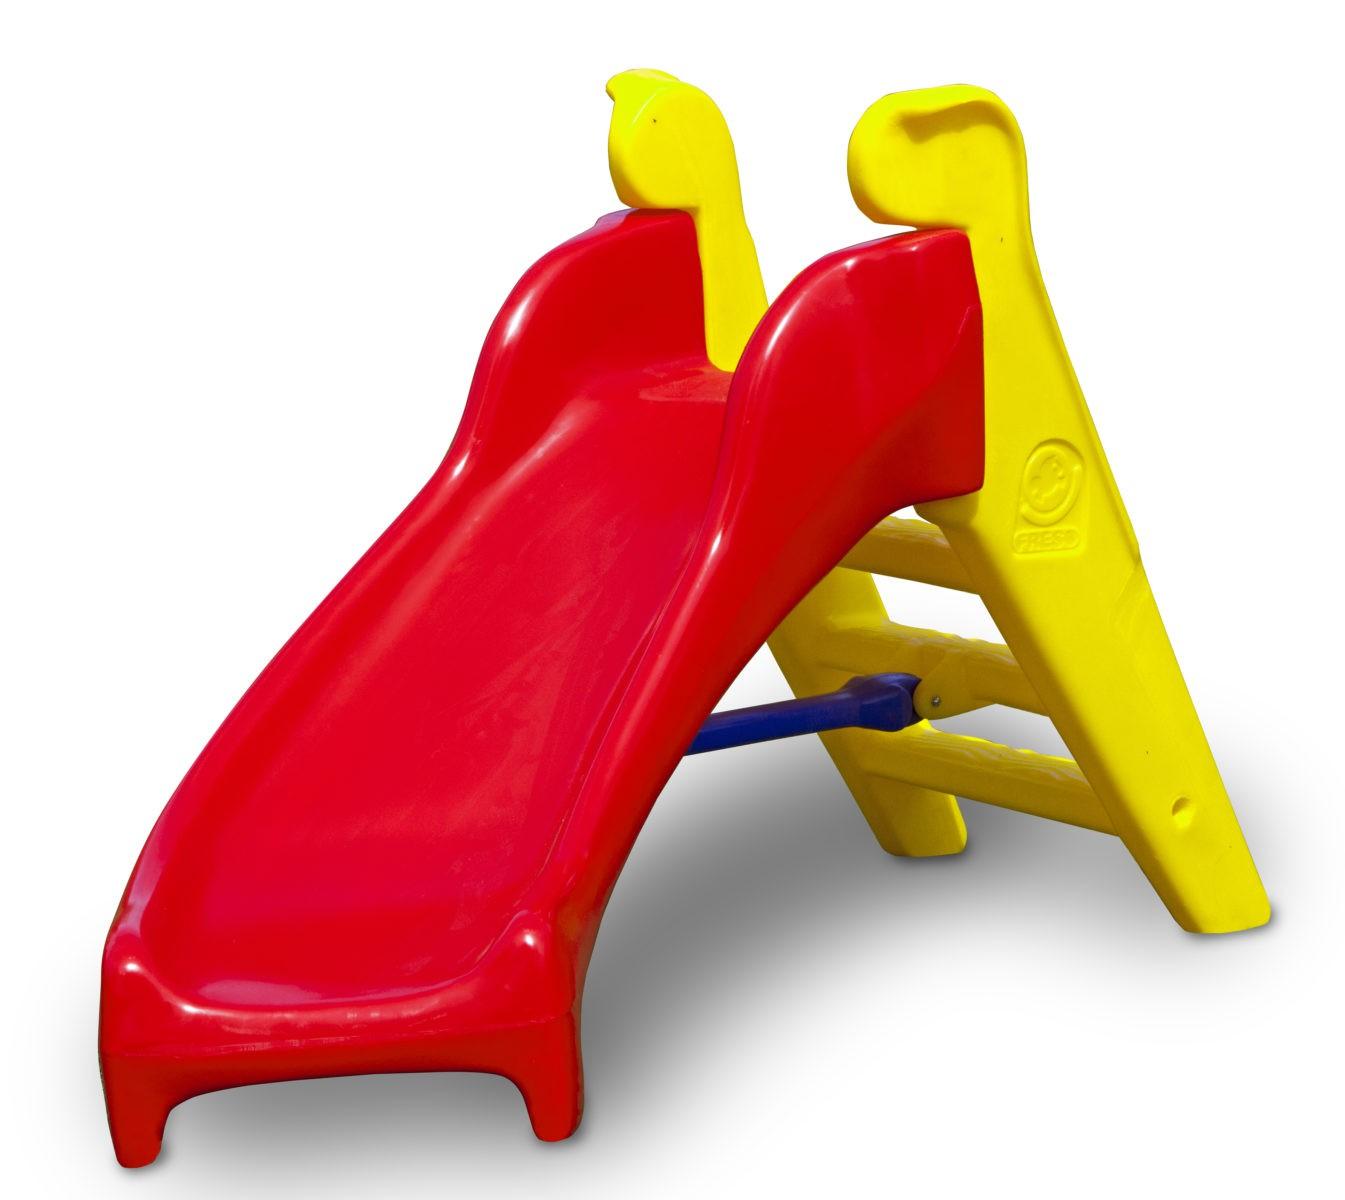 Escorregador Curvo Pequeno  - Gutana Brinquedos